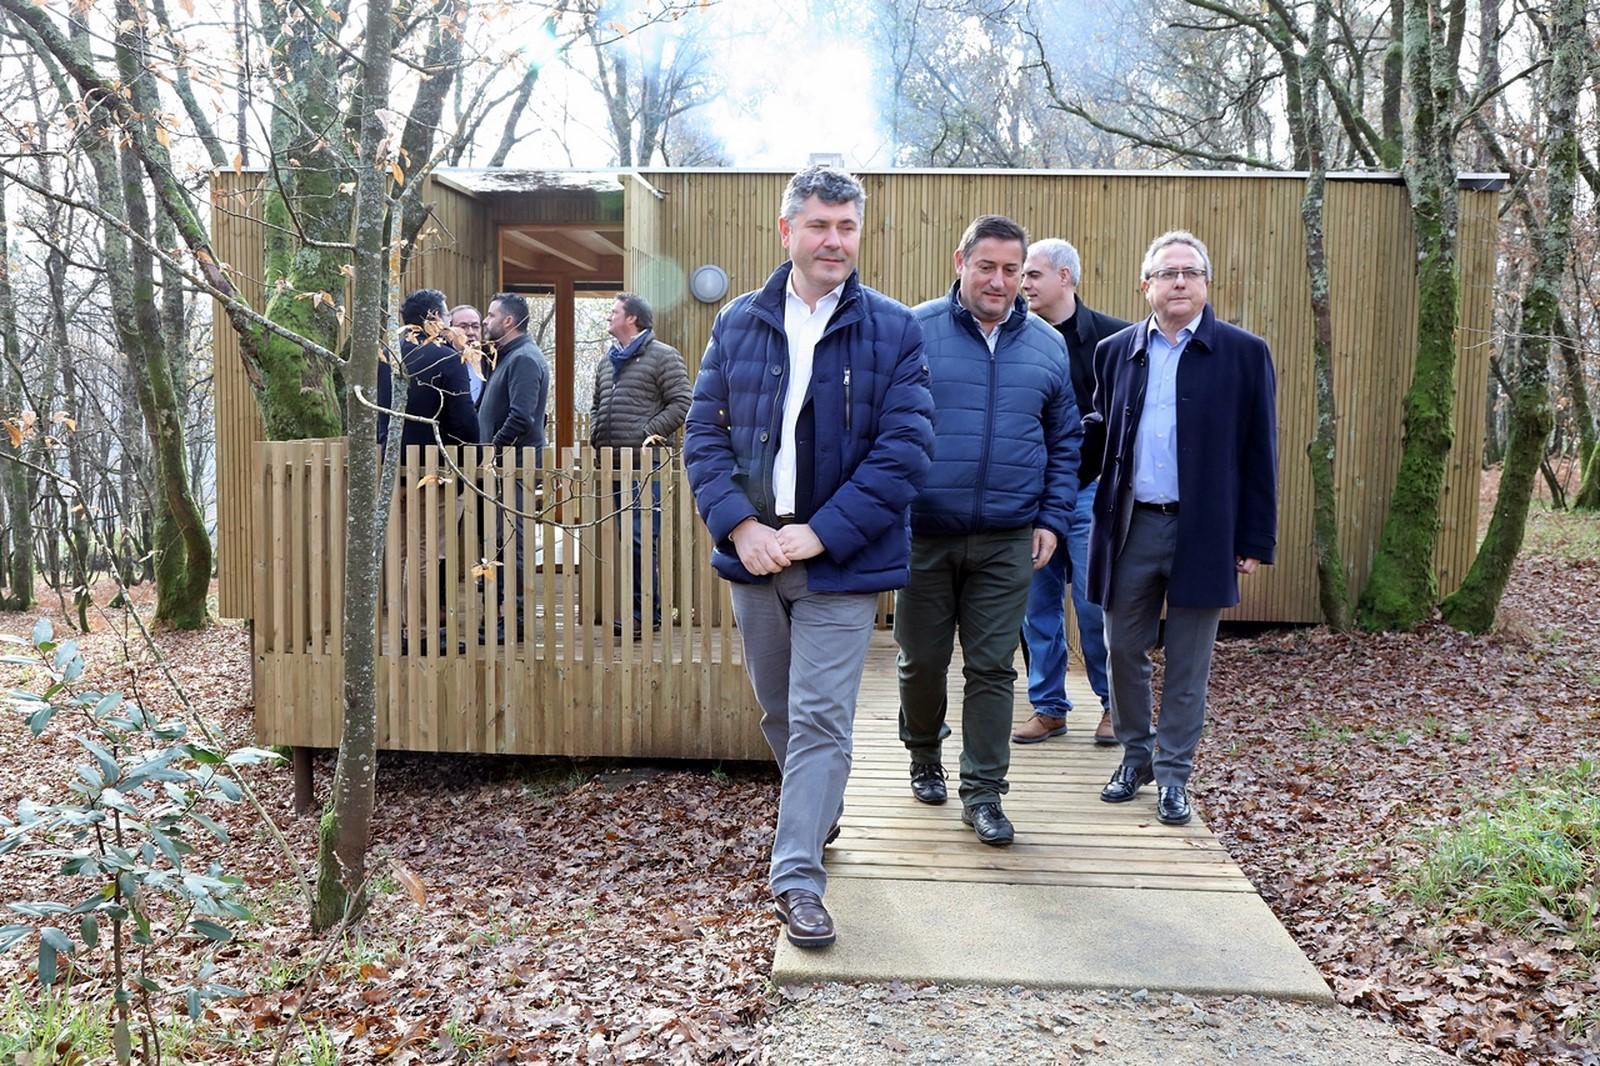 La Xunta destinó más de 175.000 euros a la construcción de un complejo de turismo enológico en Boqueixón